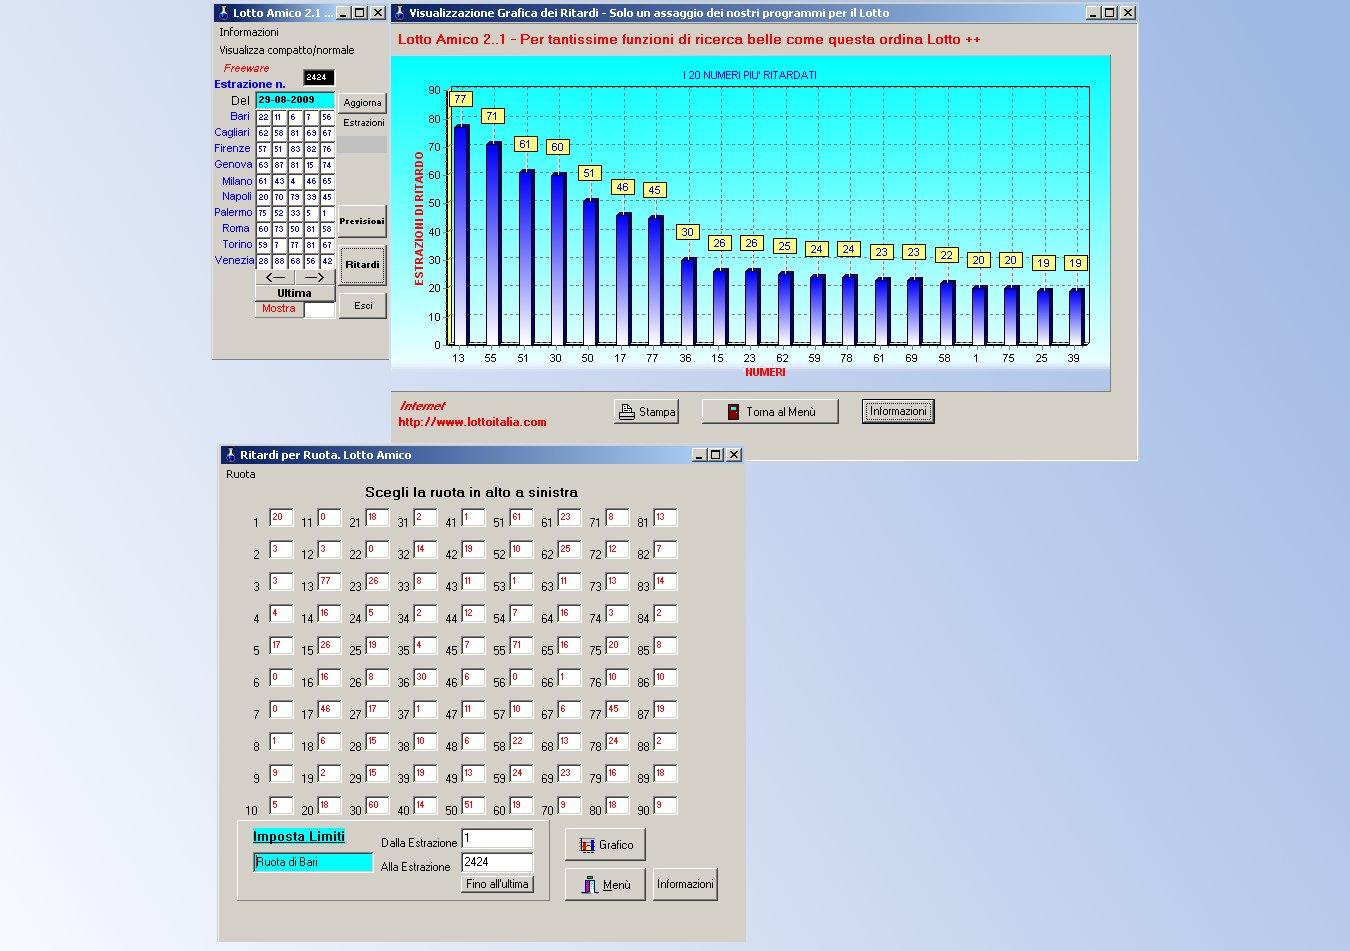 Lotto Amico il programma per Lotto con grafici e statistiche